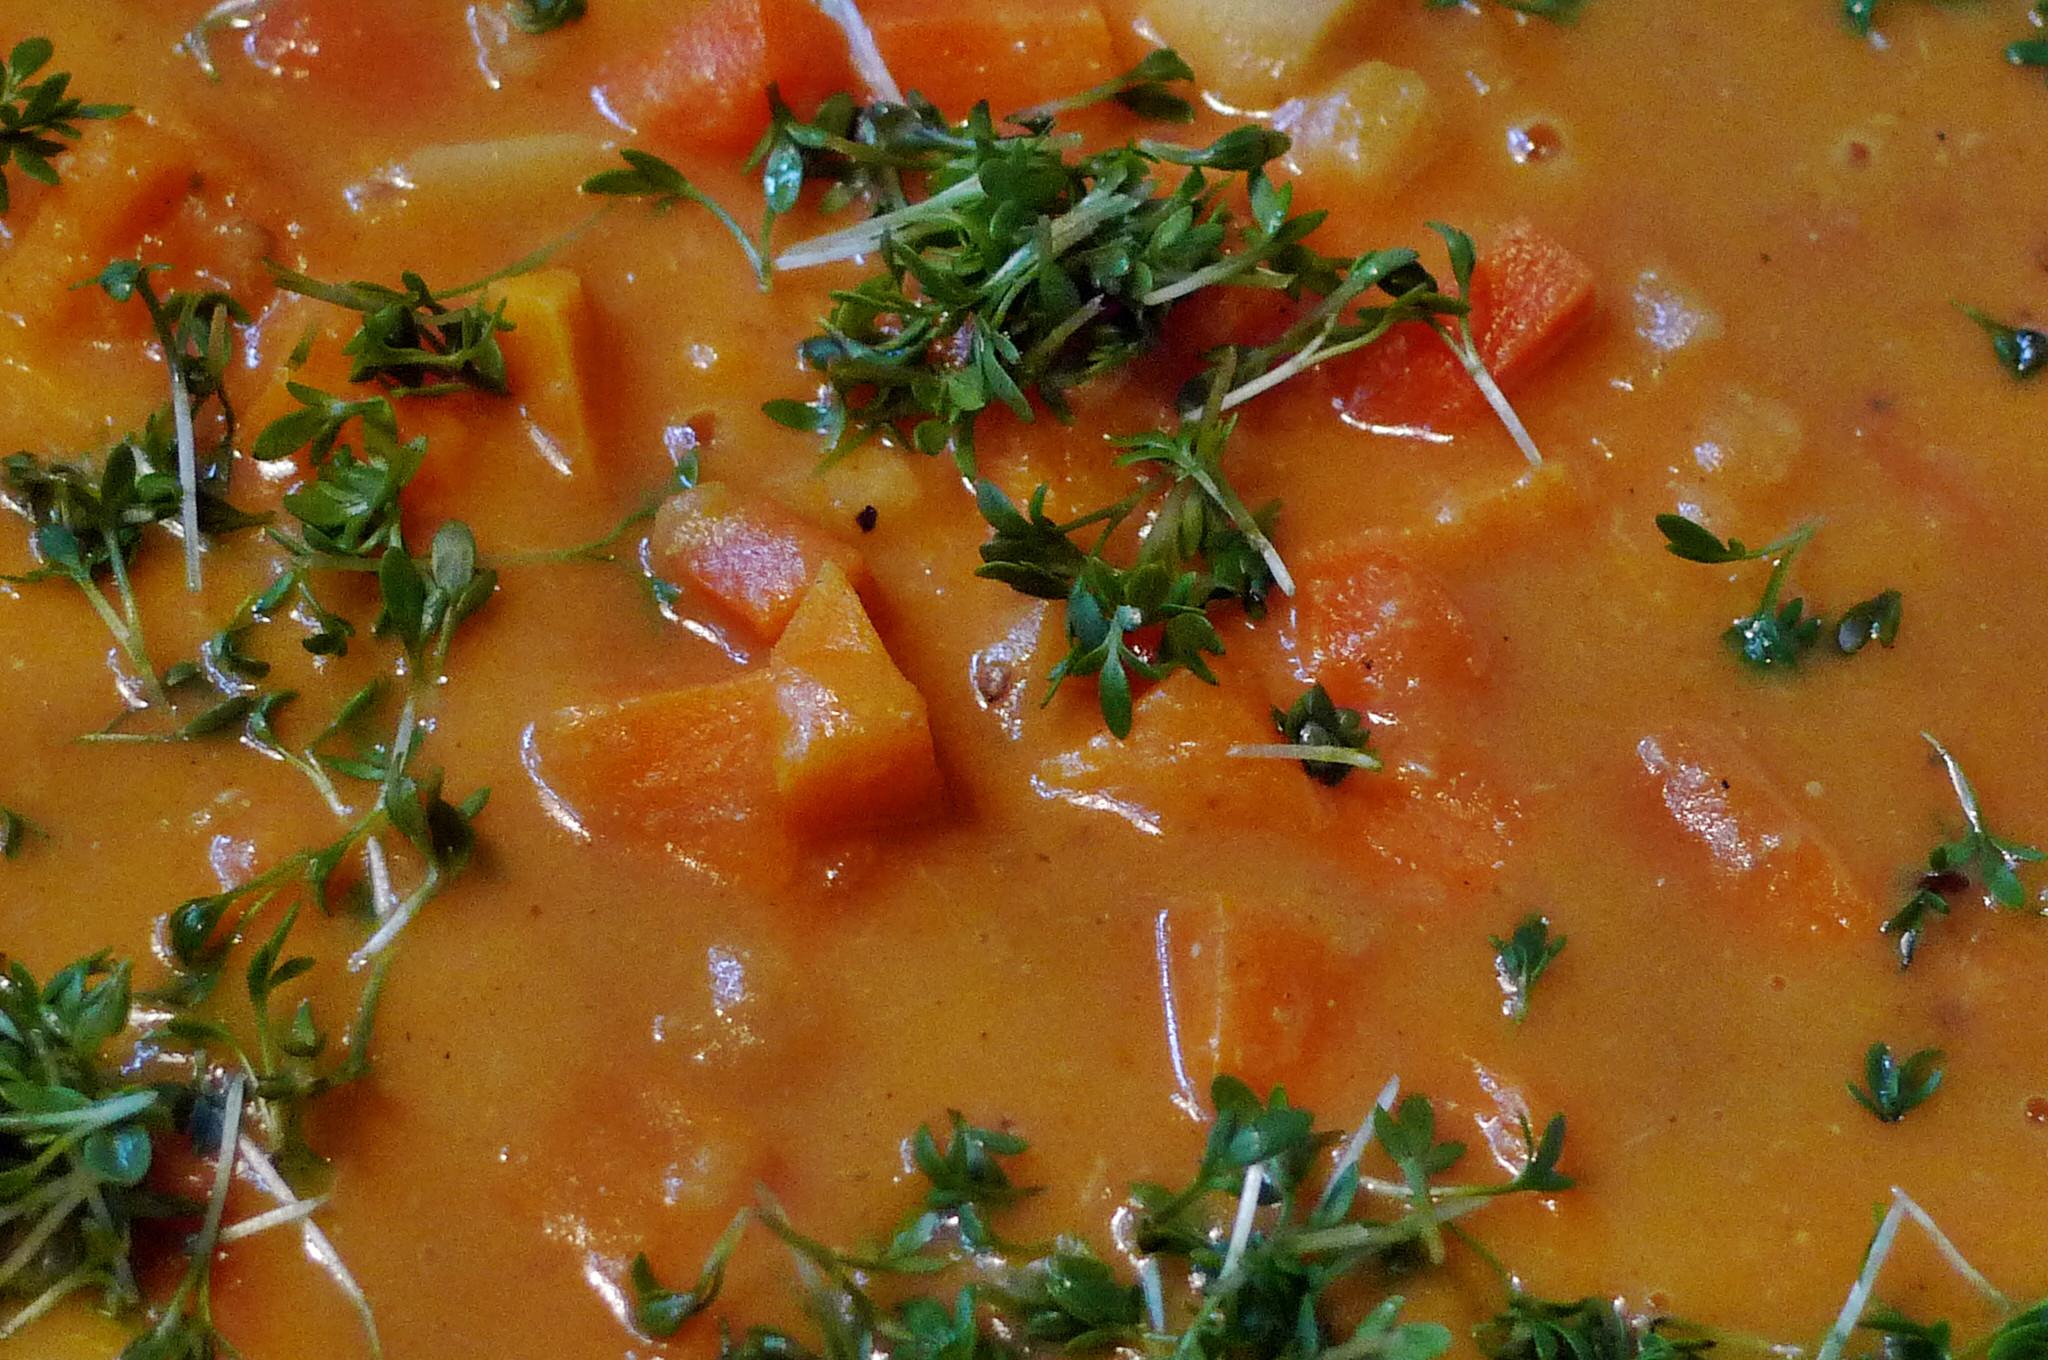 Süßkartoffel Curry mit Limette -29.1.15 (13)